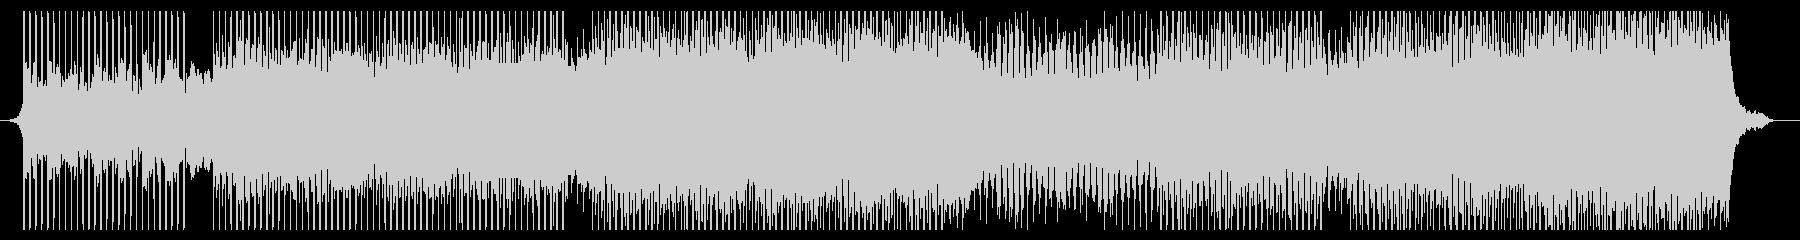 メディカルの未再生の波形